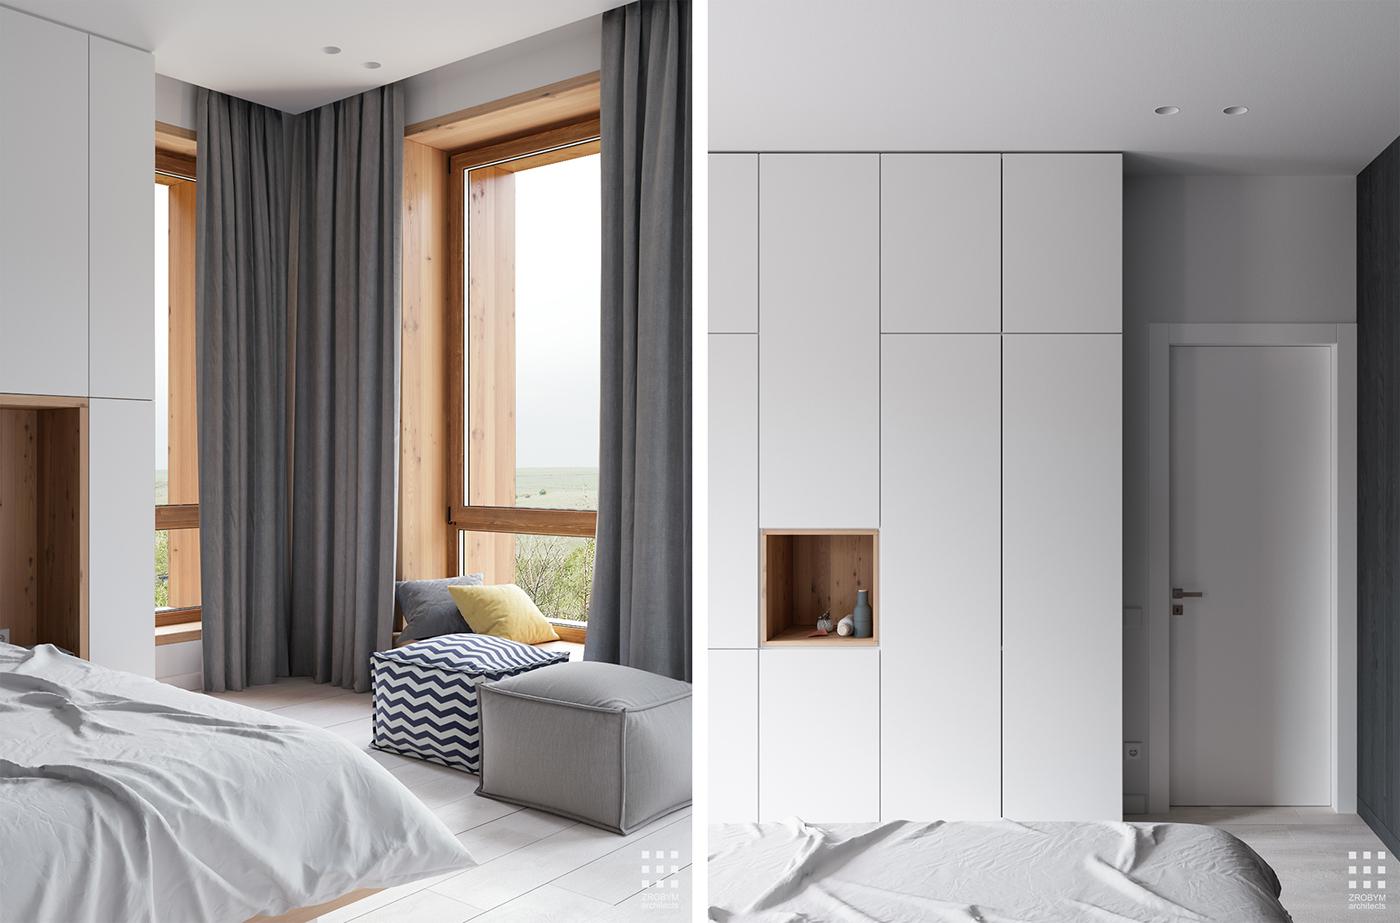 Moderne slaapkamer 3d ontwerpen door ZROBYM architects | Slaapkamer ...